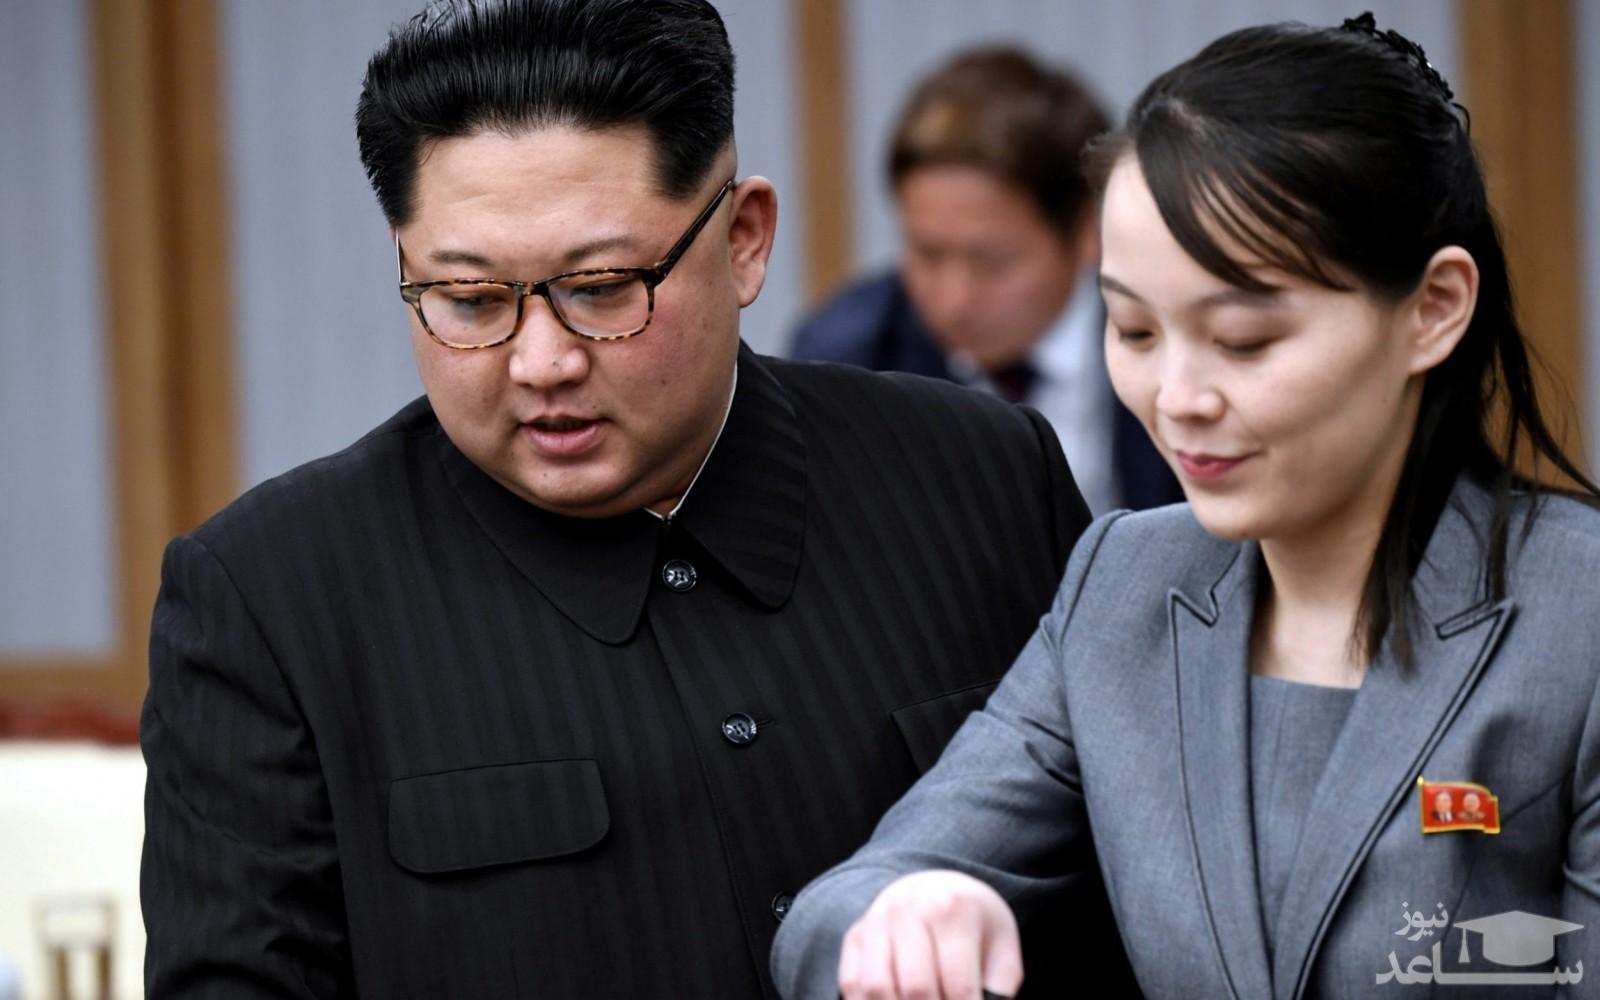 خواهر رهبر کرهشمالی، بایدن را تهدید کرد